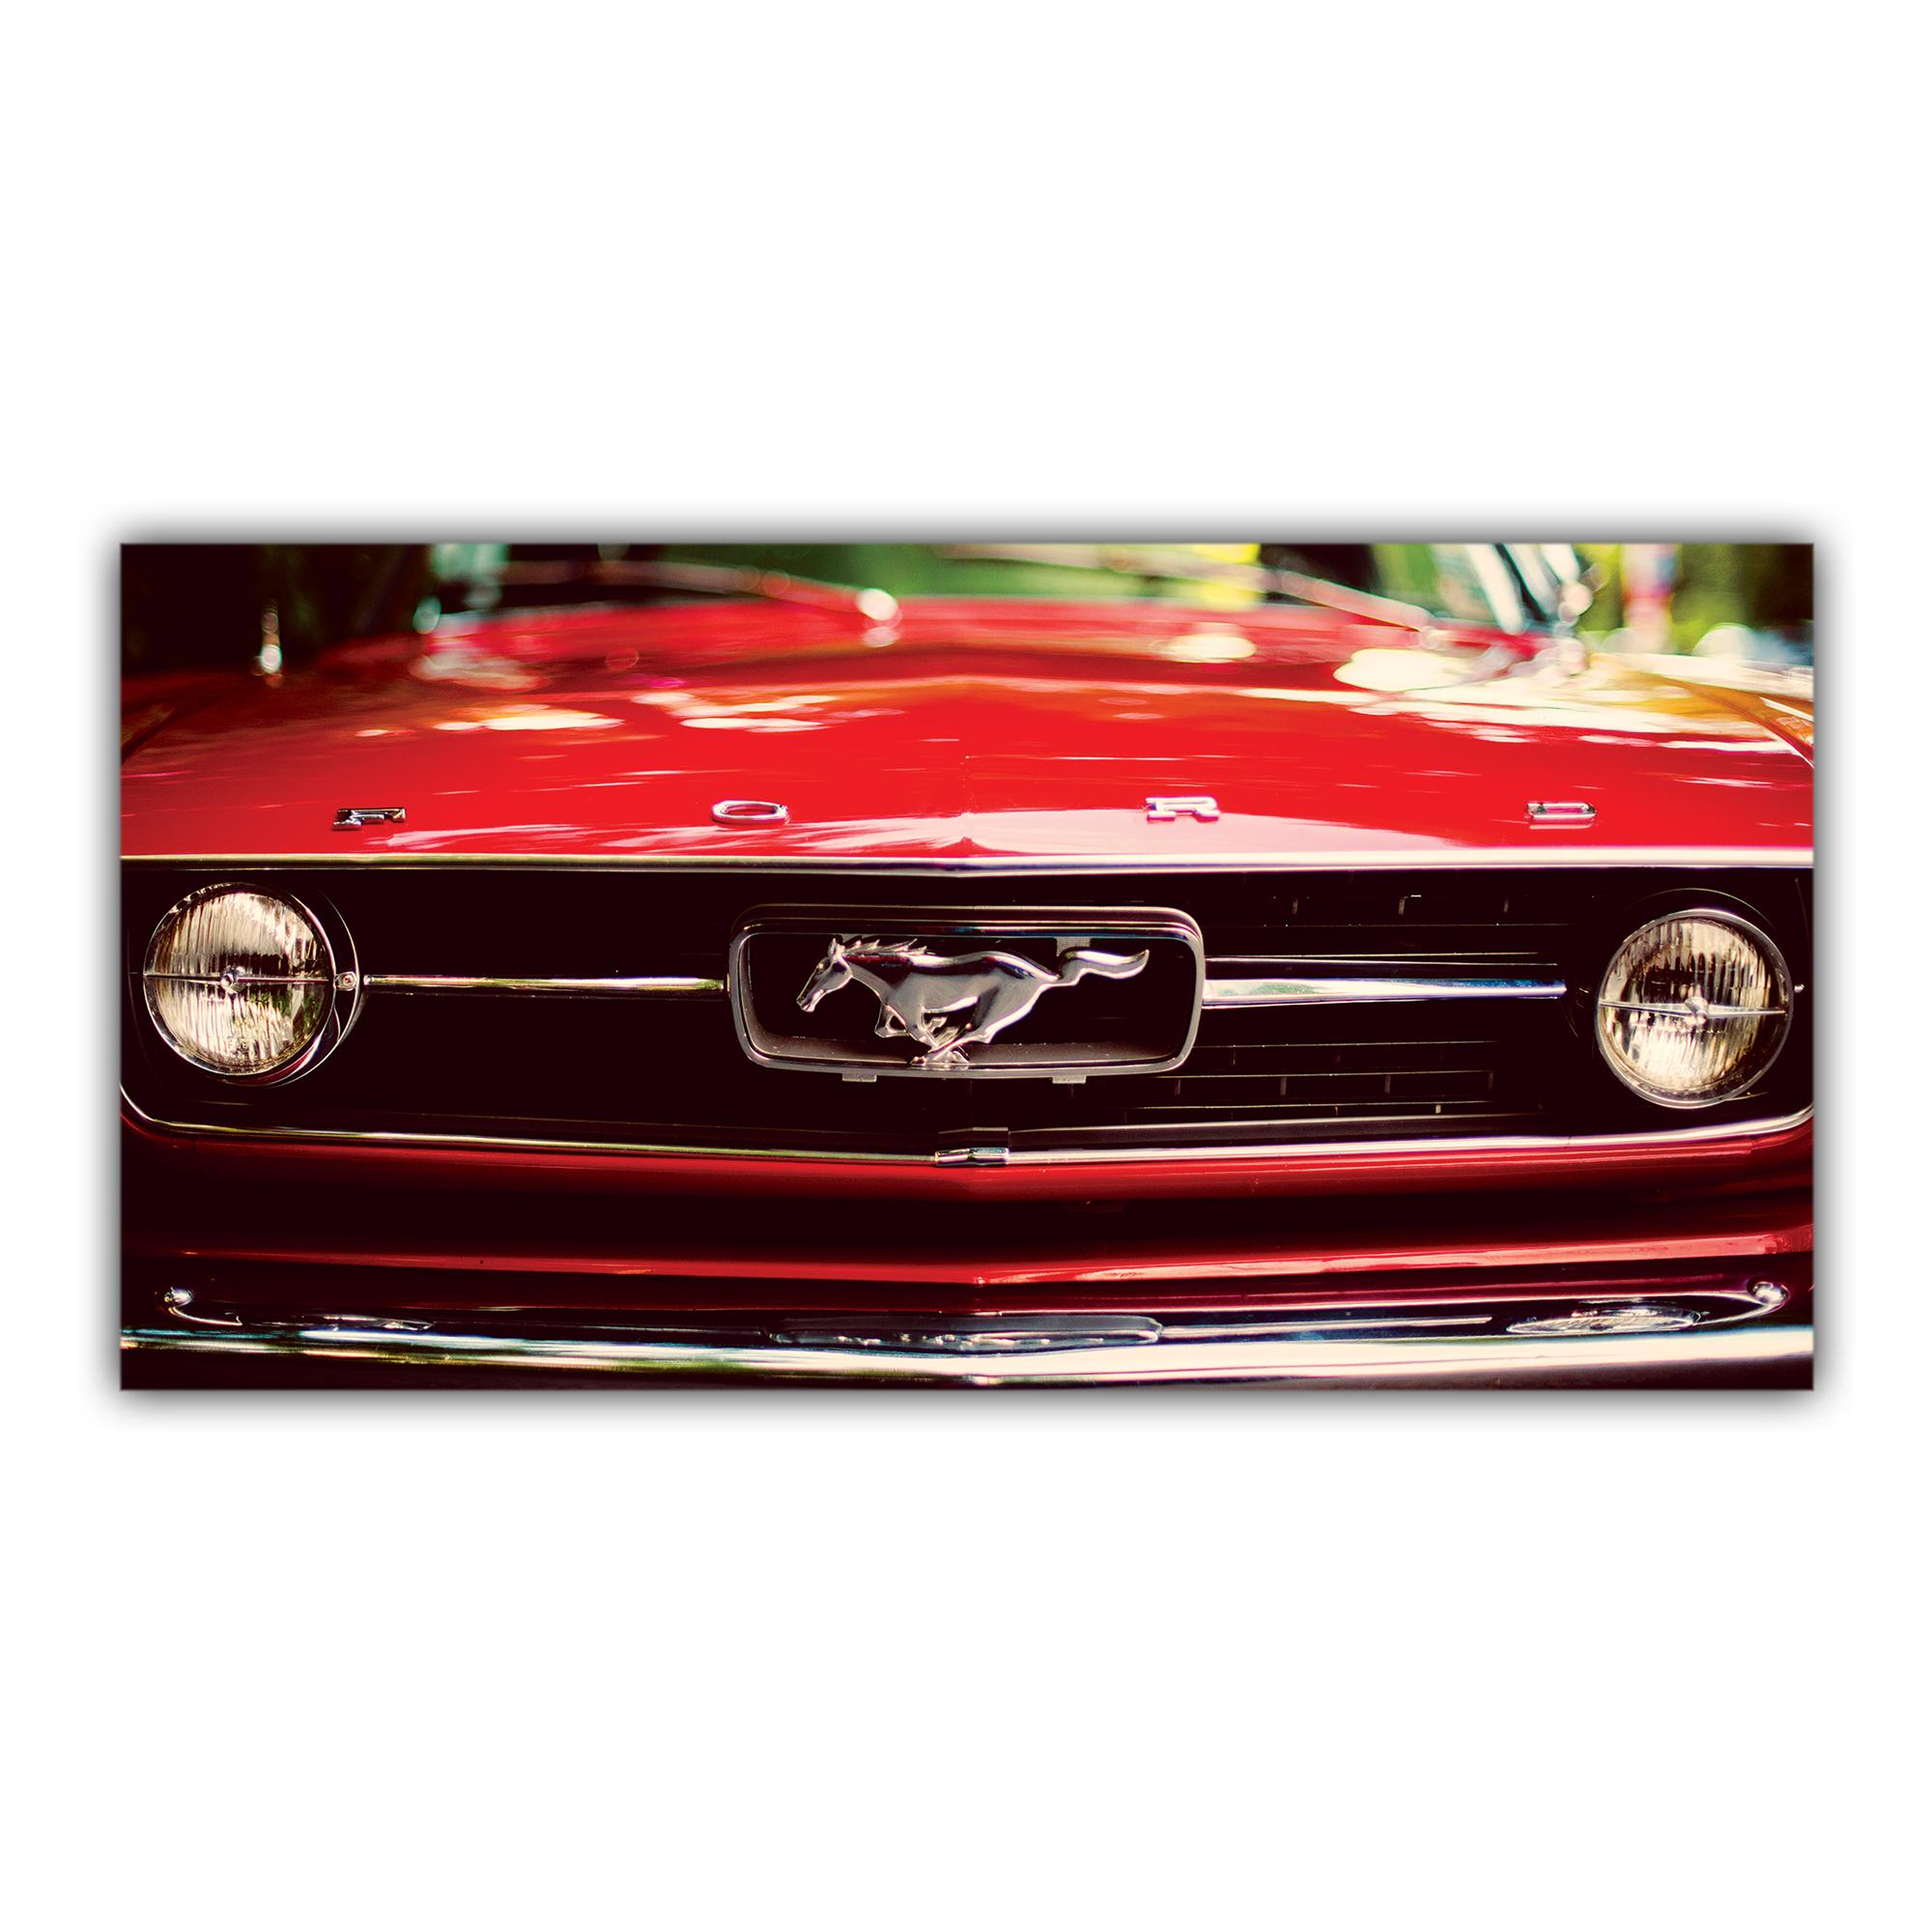 Mustang 1970 Ford Classique Voiture Américaine Calandre